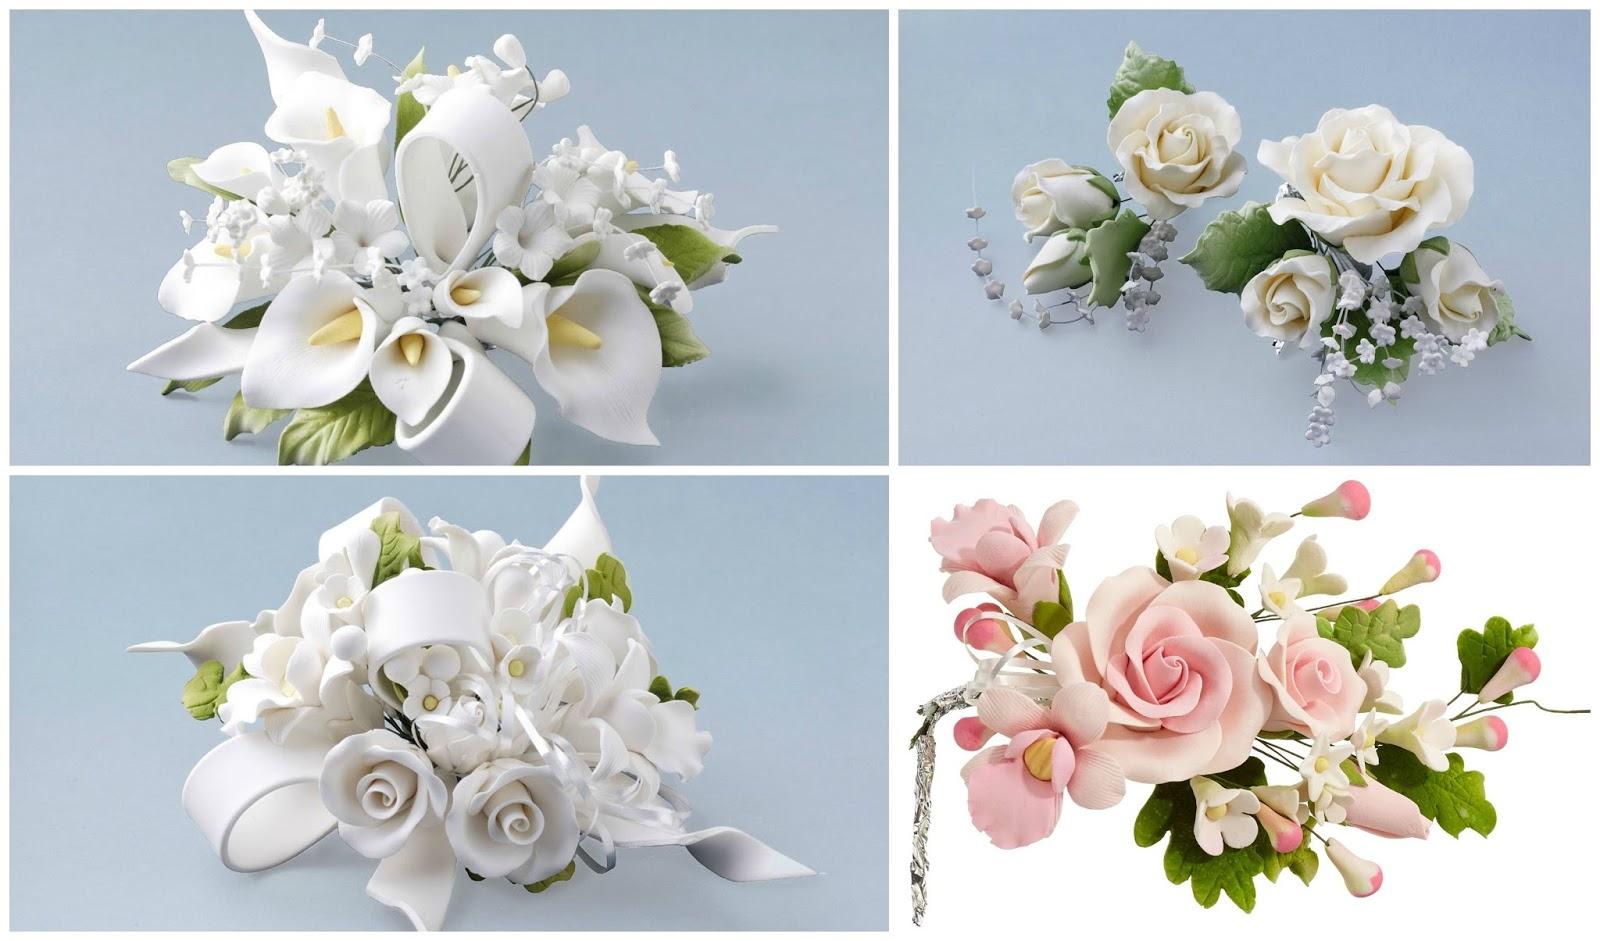 Blumen kaufen last minute muttertagsgeschenke blumen for Besondere bilder